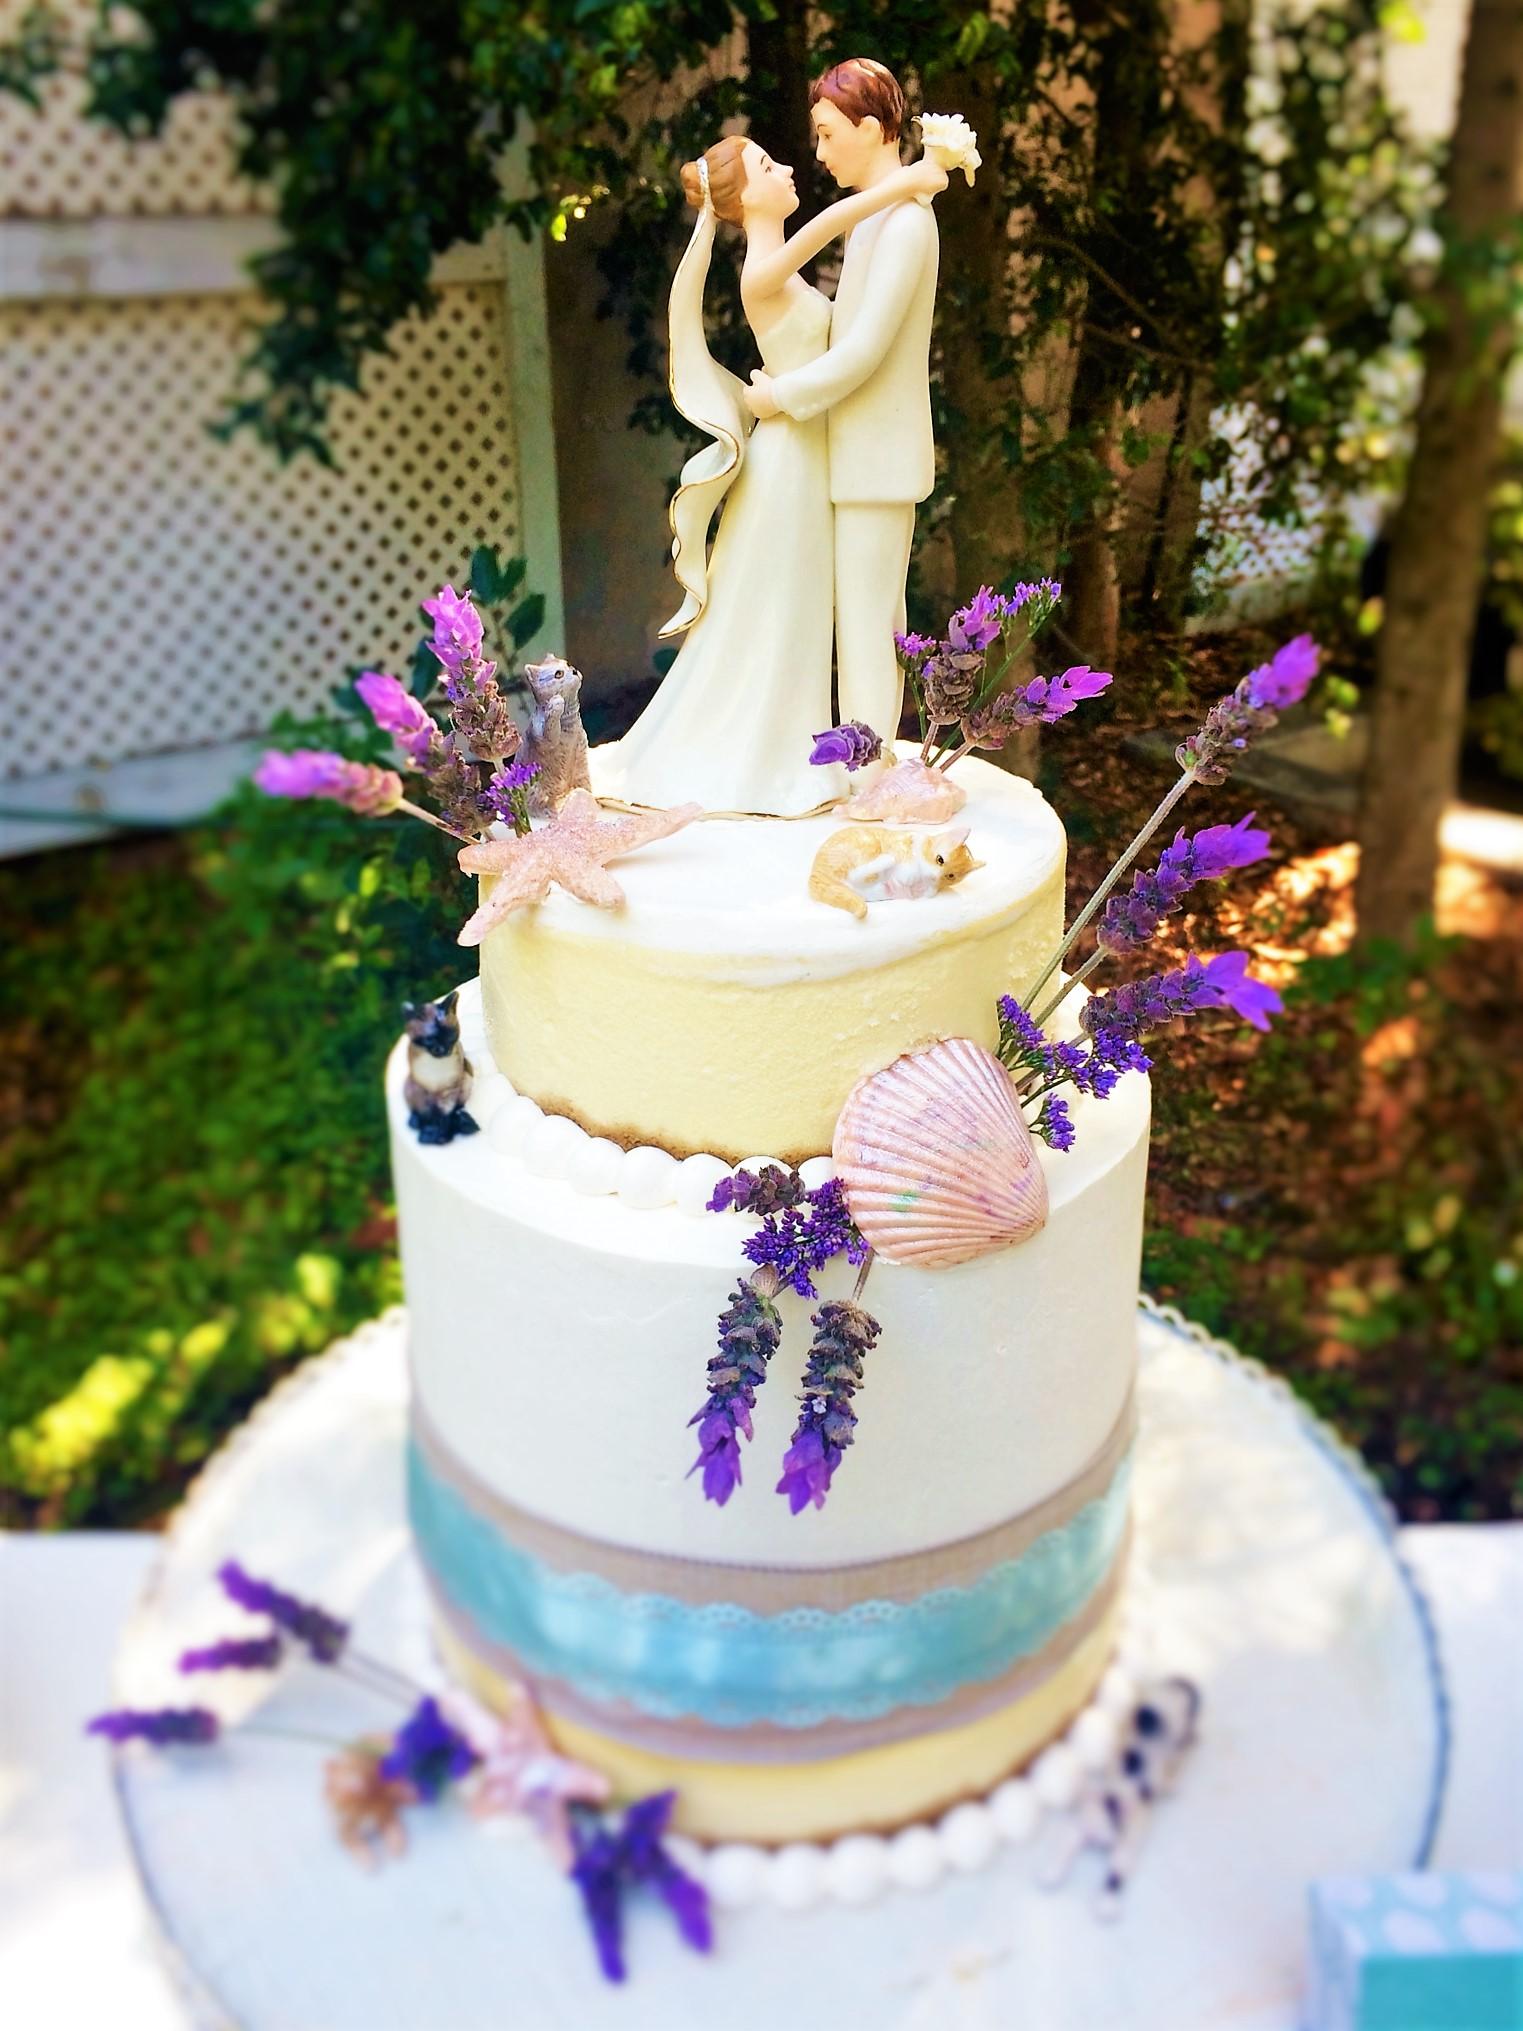 """3 tiered: 6"""" cheesecake / 8"""" lemon cake / 9"""" cheesecake"""